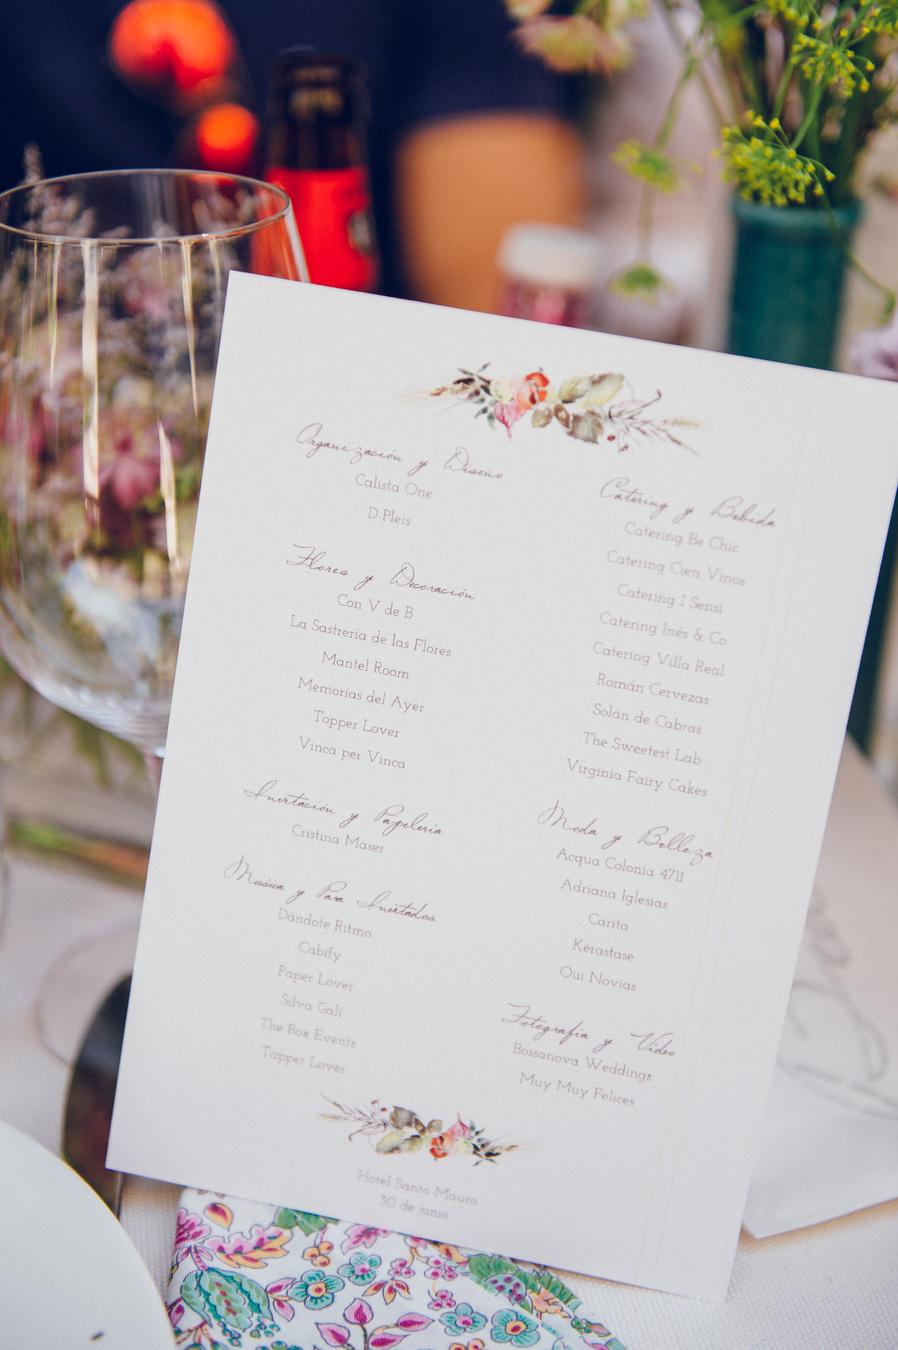 Calista One Summer Party Lista y blog de bodas 25.6